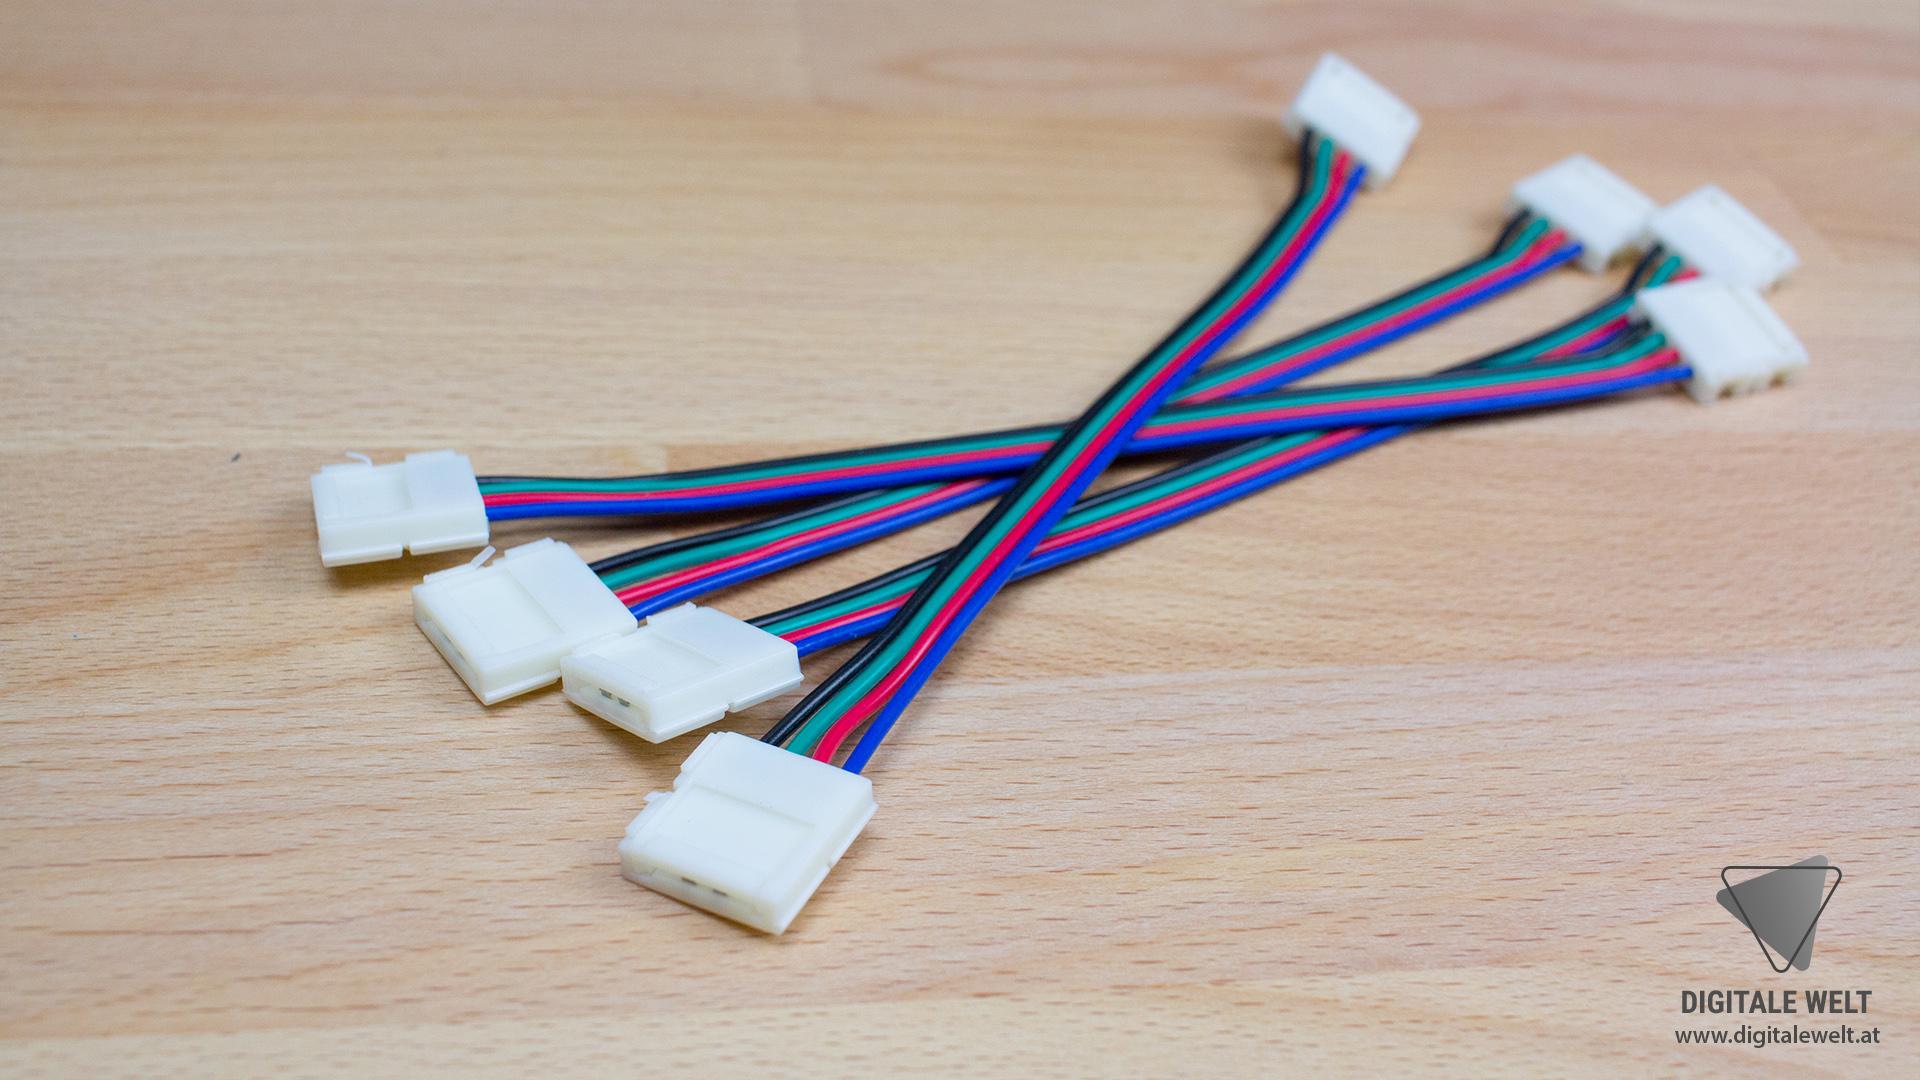 Ambilight ohne Löten - 4-polige Verbindungskabel 12mm (DigitaleWelt)